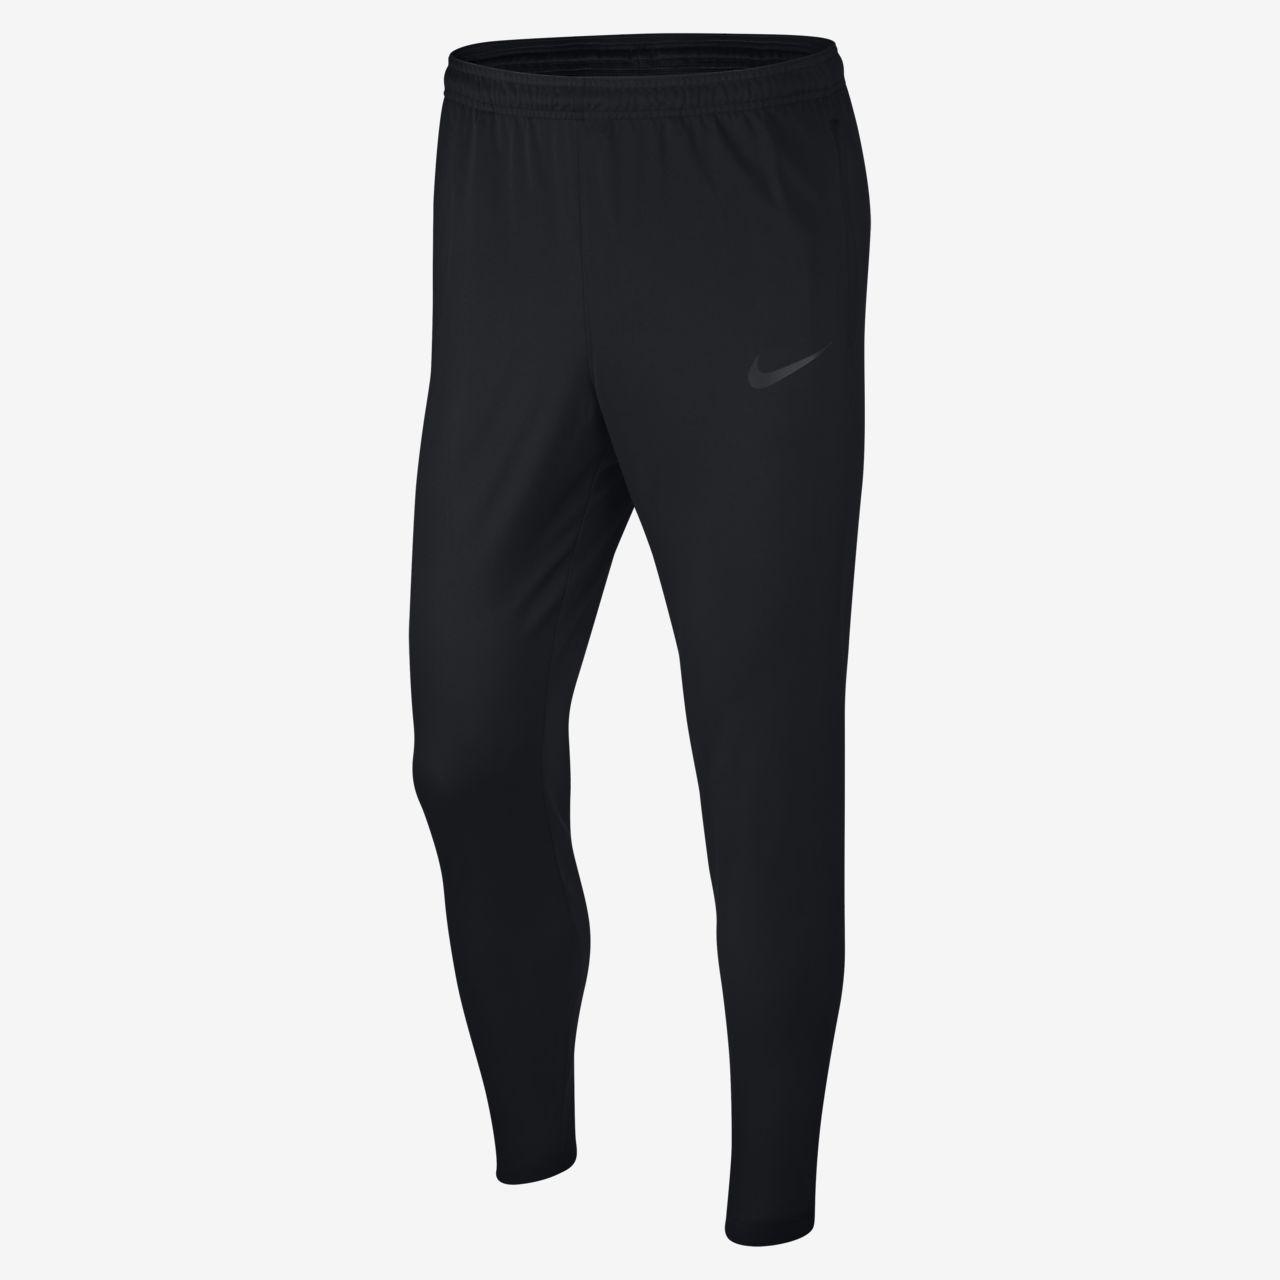 Nike F.C. Pantalón de fútbol - Hombre